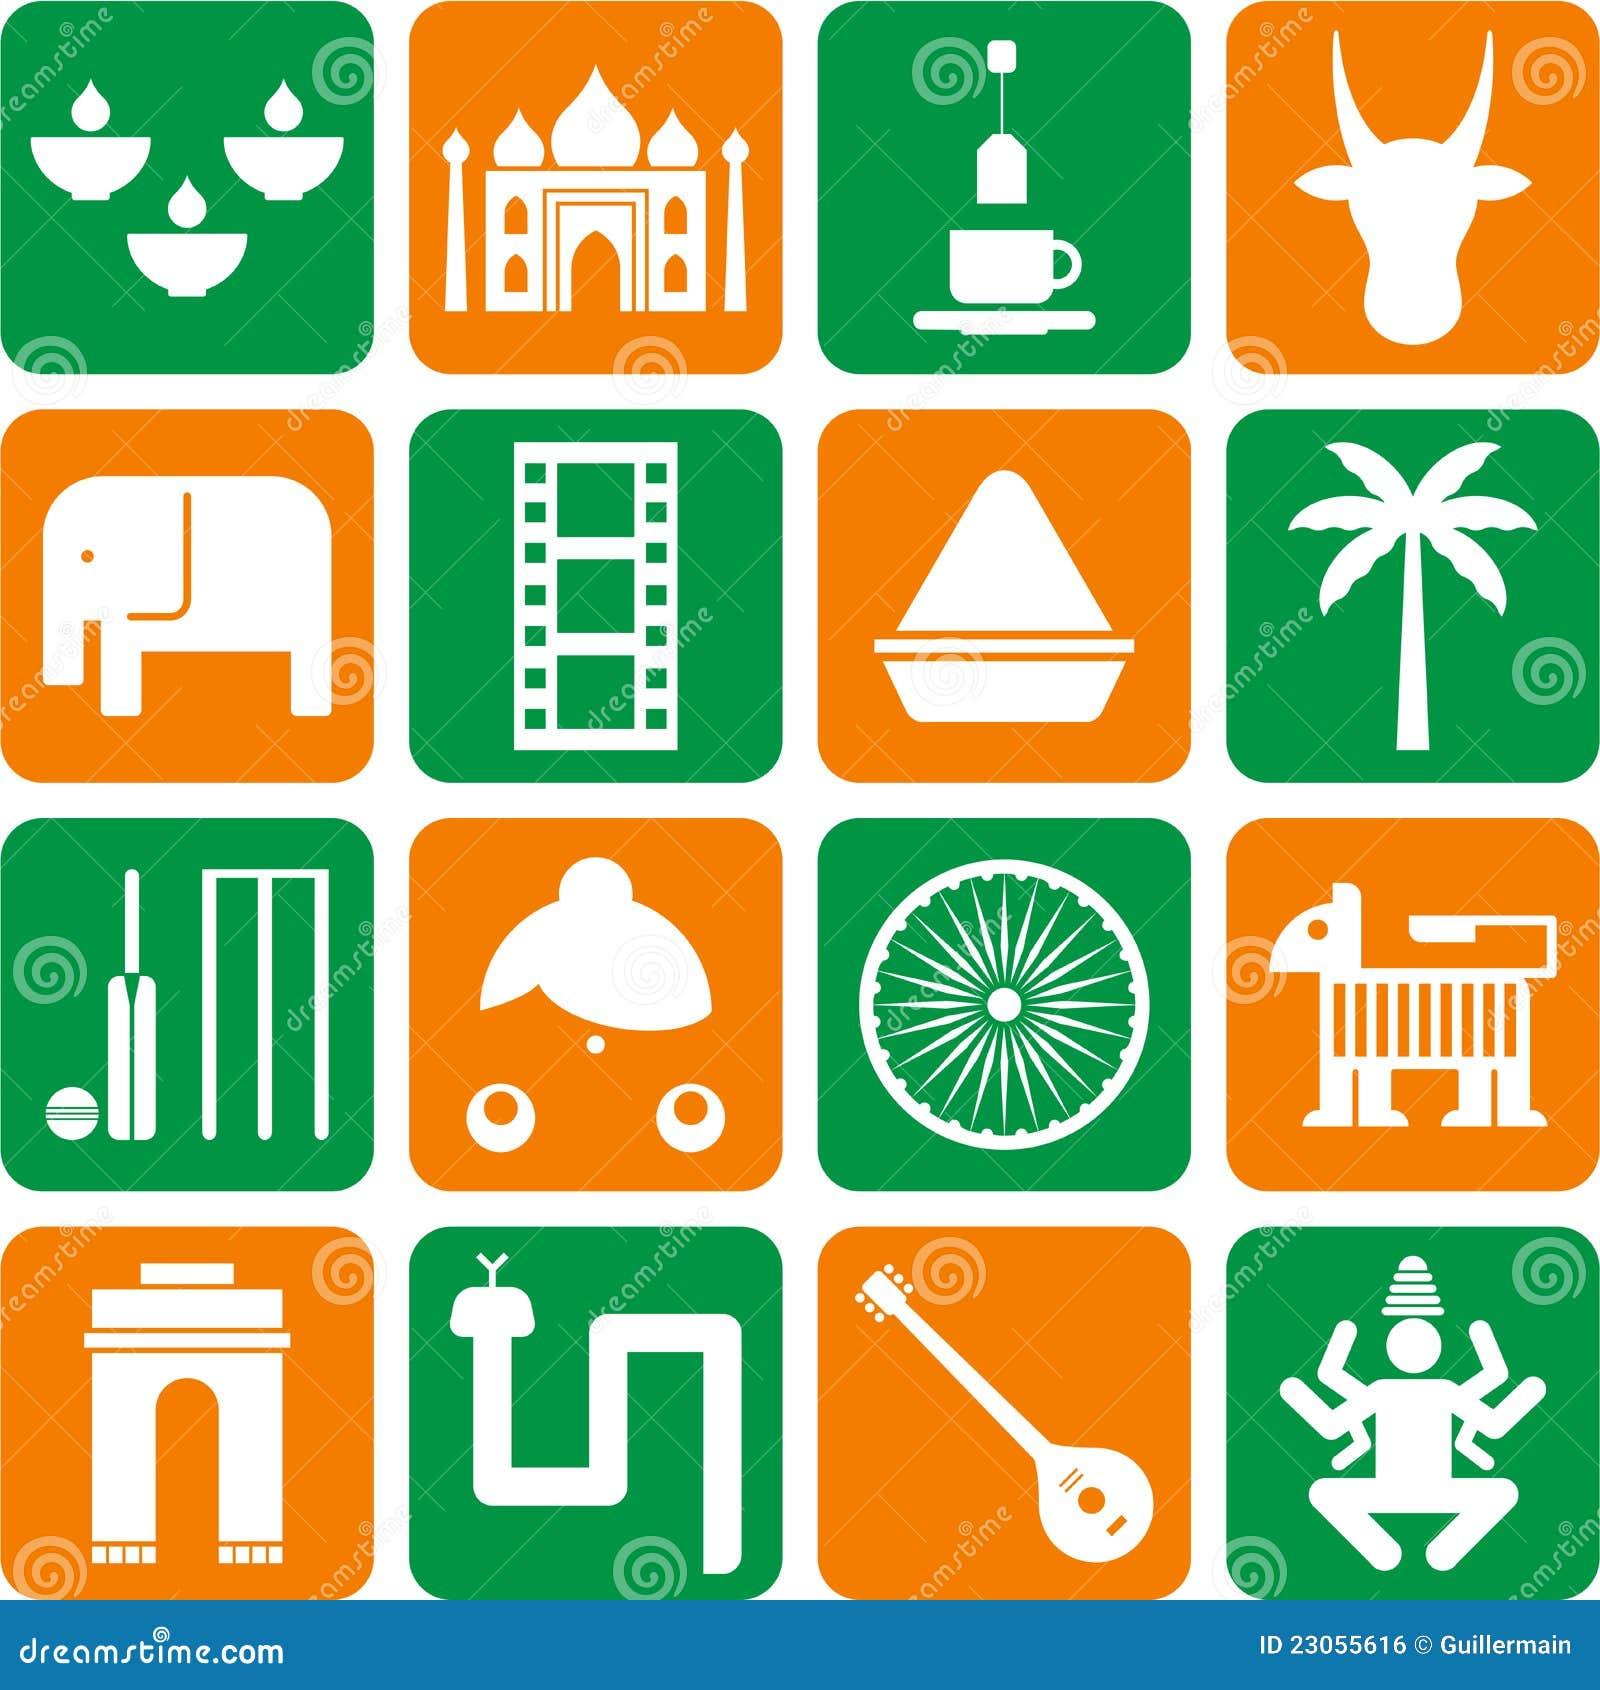 Berühmt Pictogrammes De L'Inde Photos libres de droits - Image: 23055608 SA61